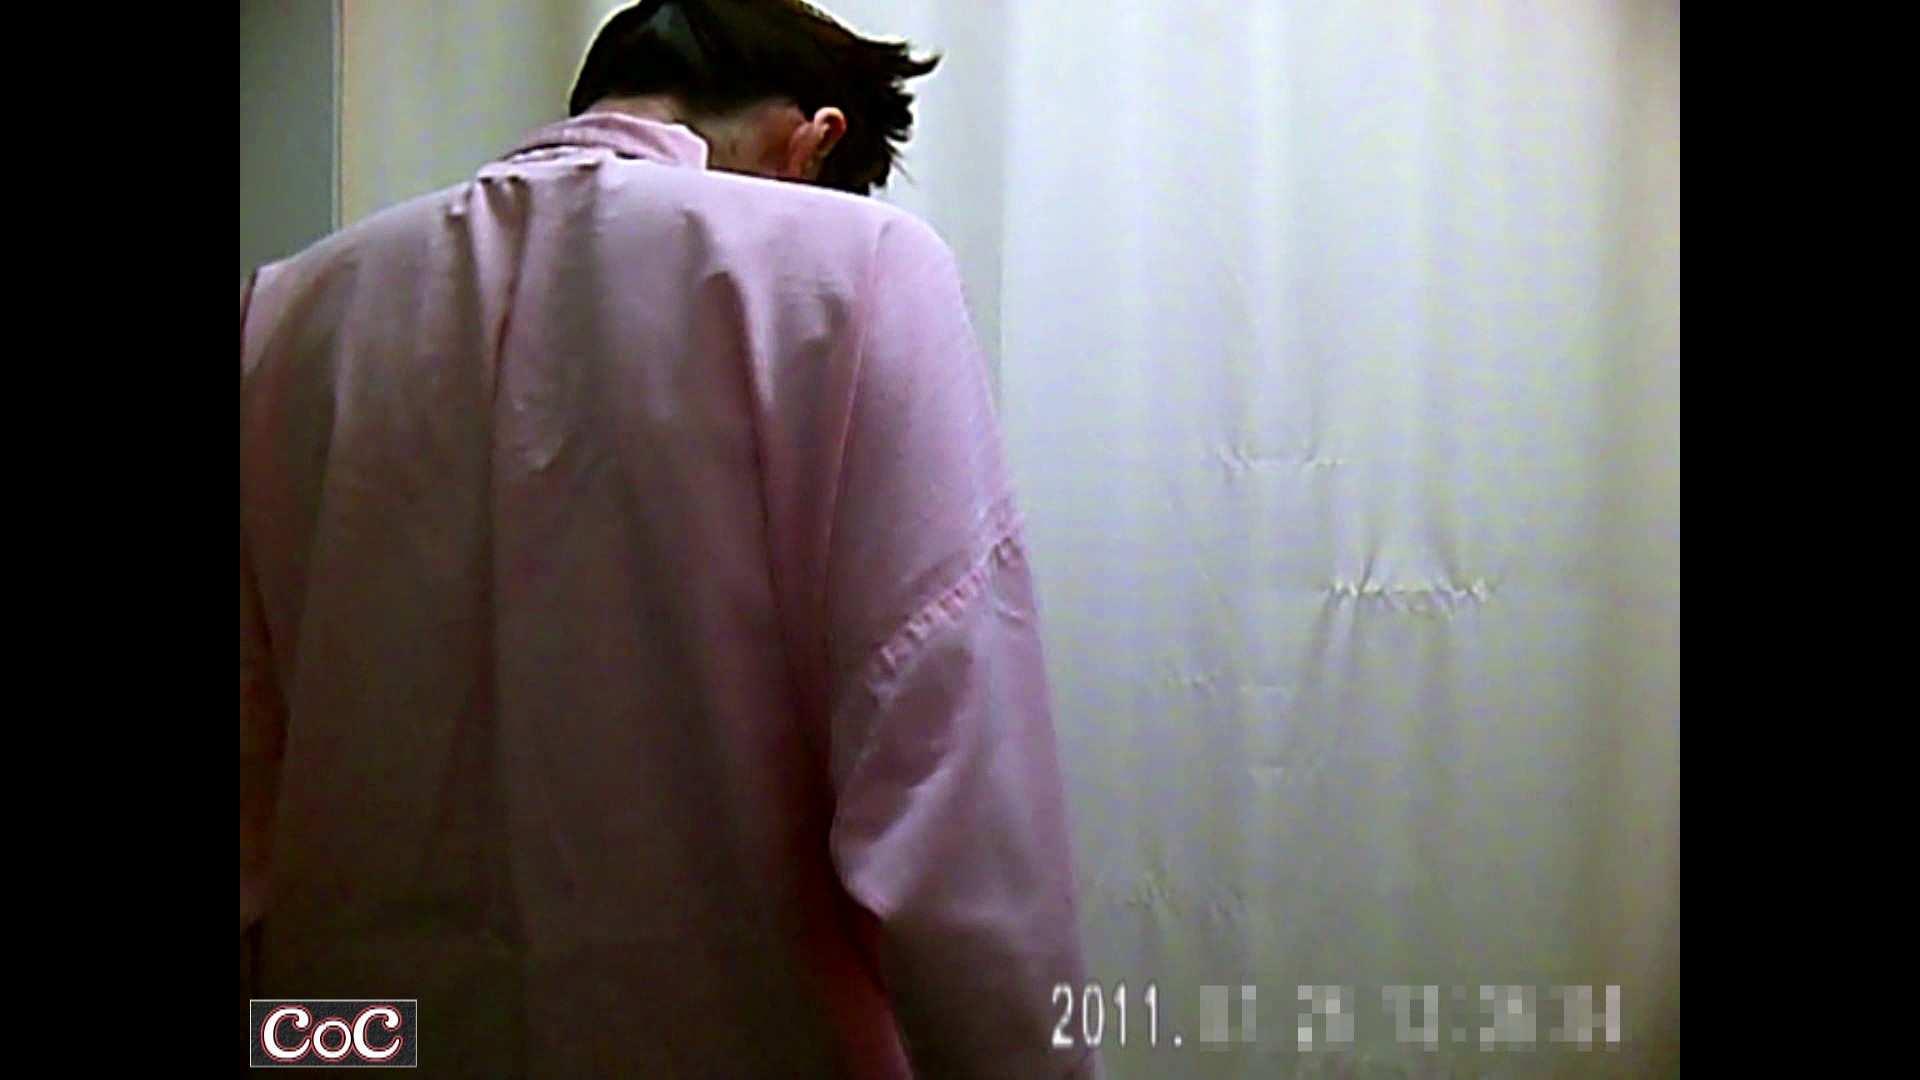 病院おもいっきり着替え! vol.05 巨乳 AV無料動画キャプチャ 99pic 6